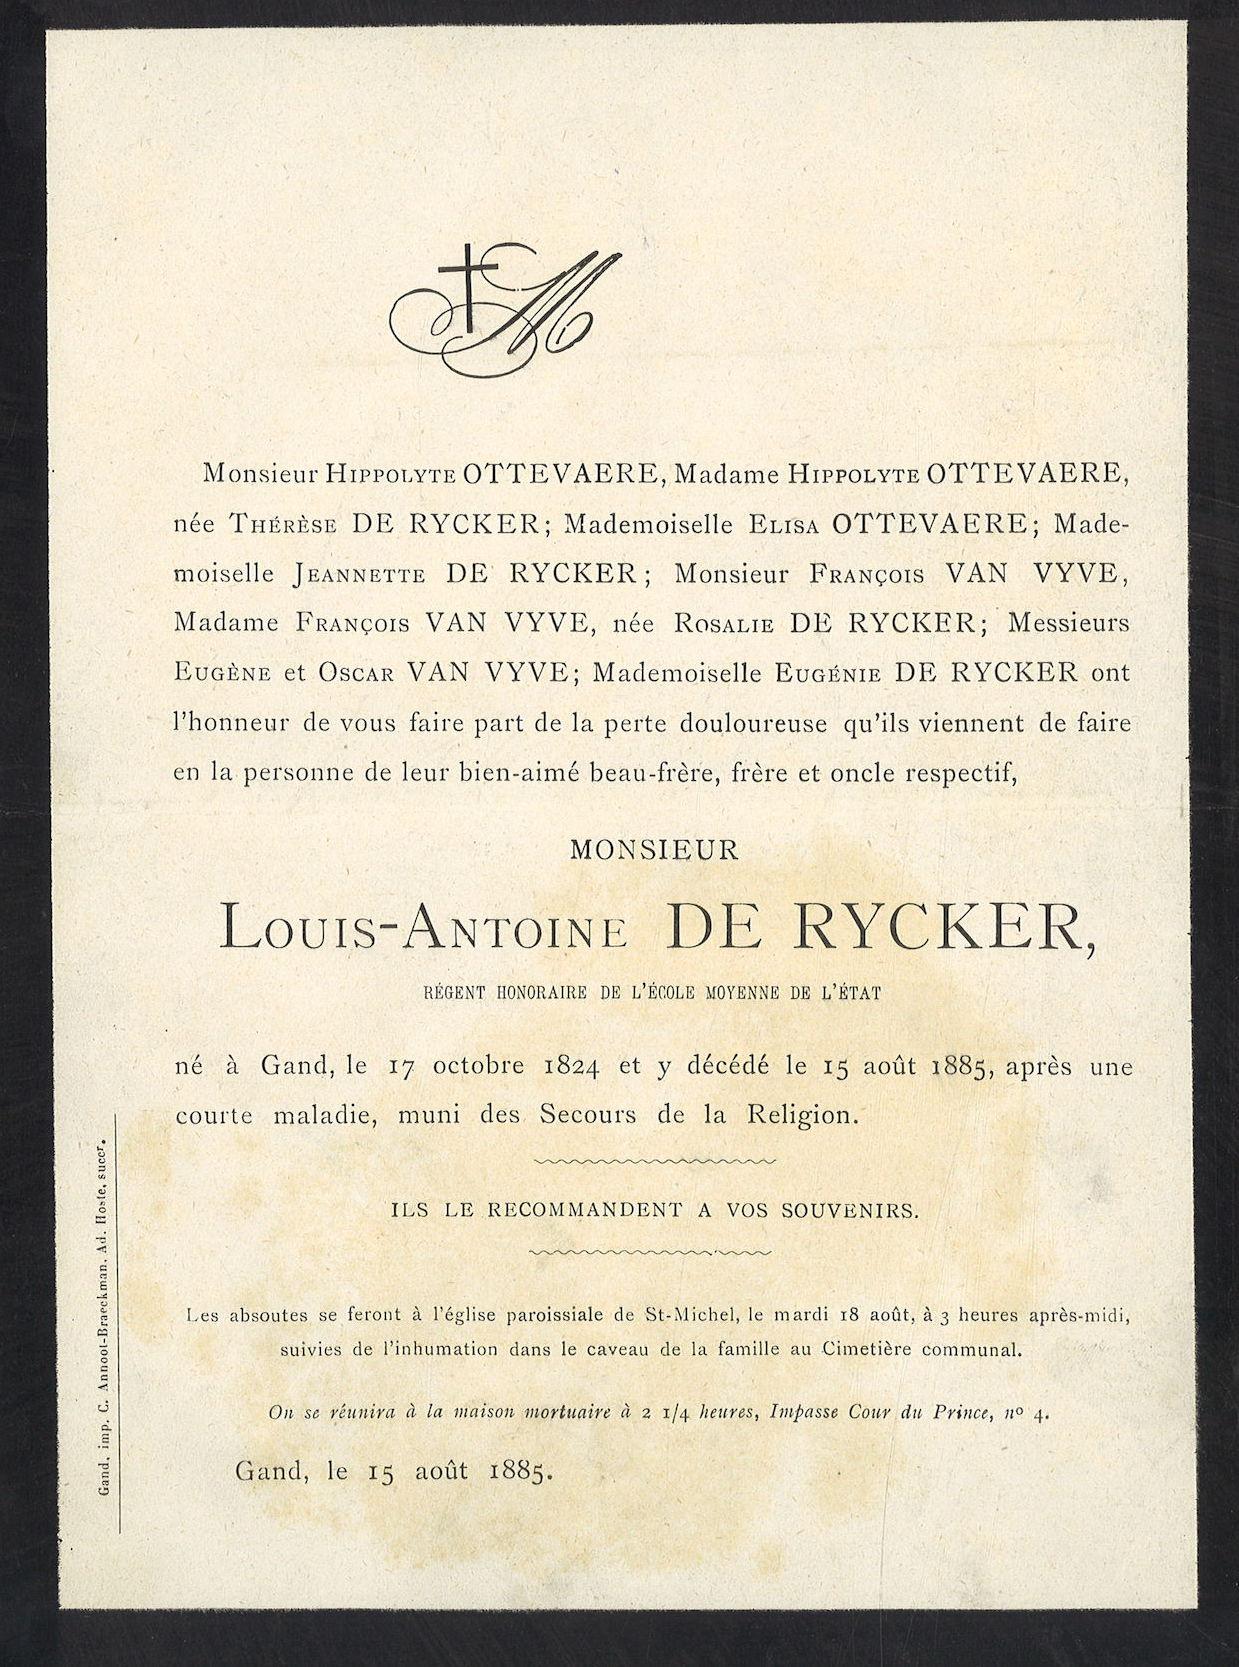 Louis-Antoine De Rycker